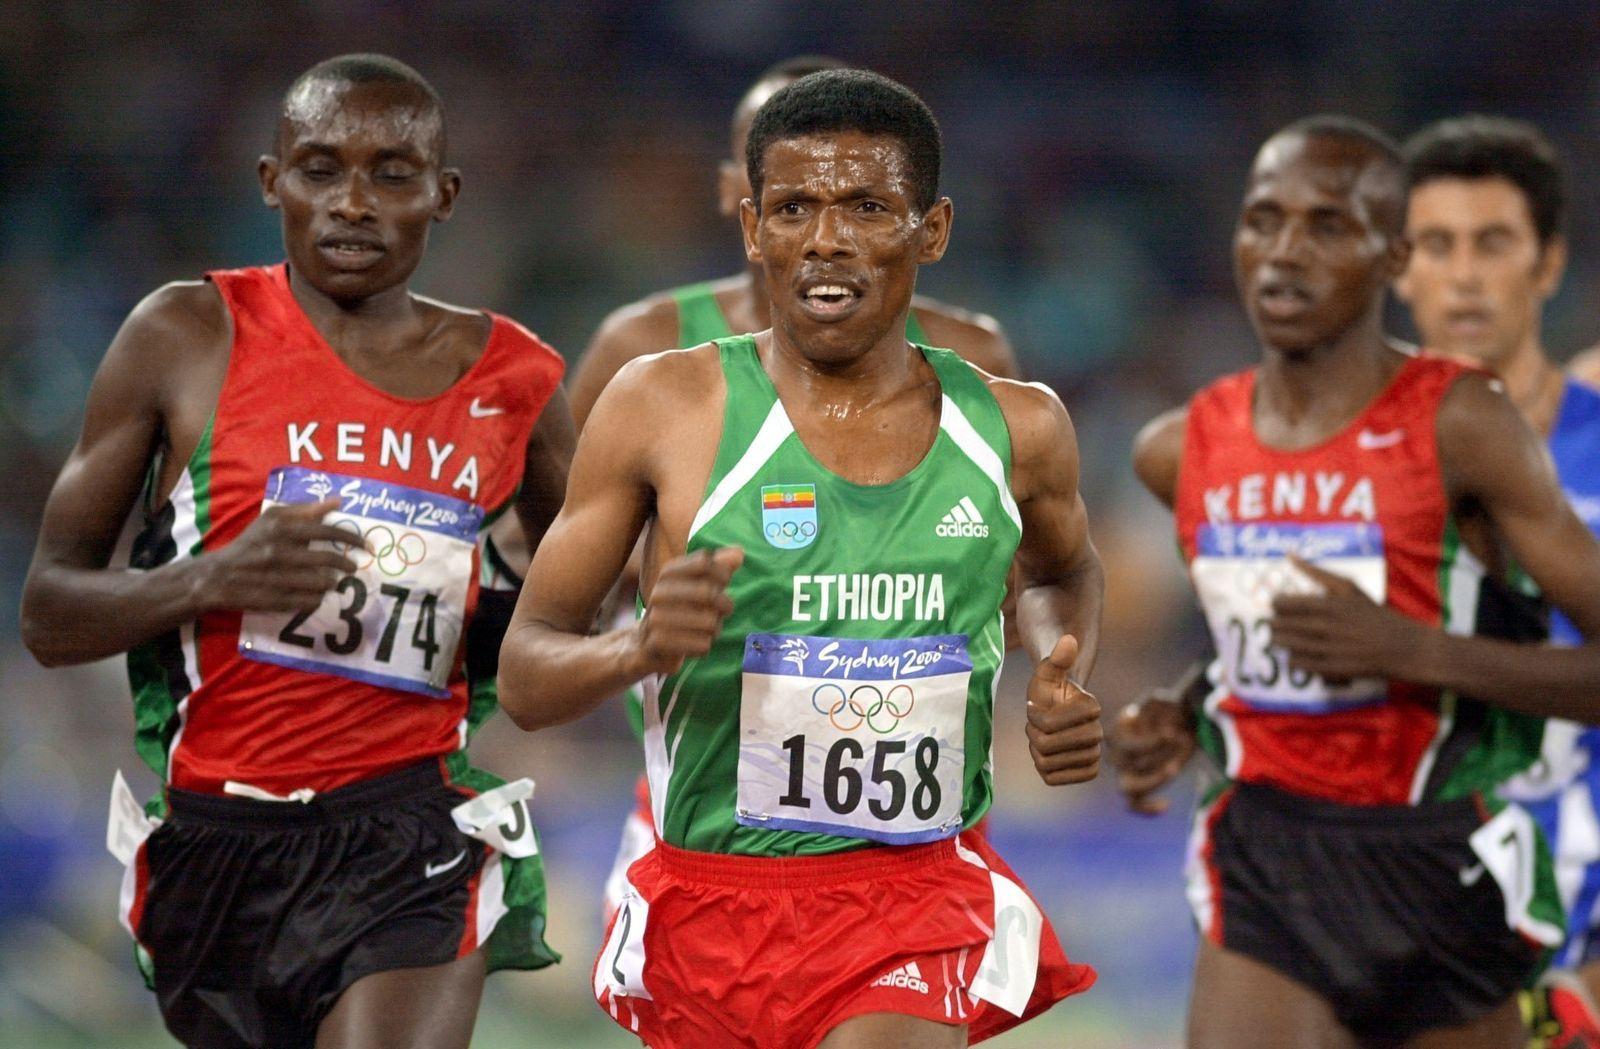 Olympia Leichtathletik 10 000-m-Vorlauf Männer